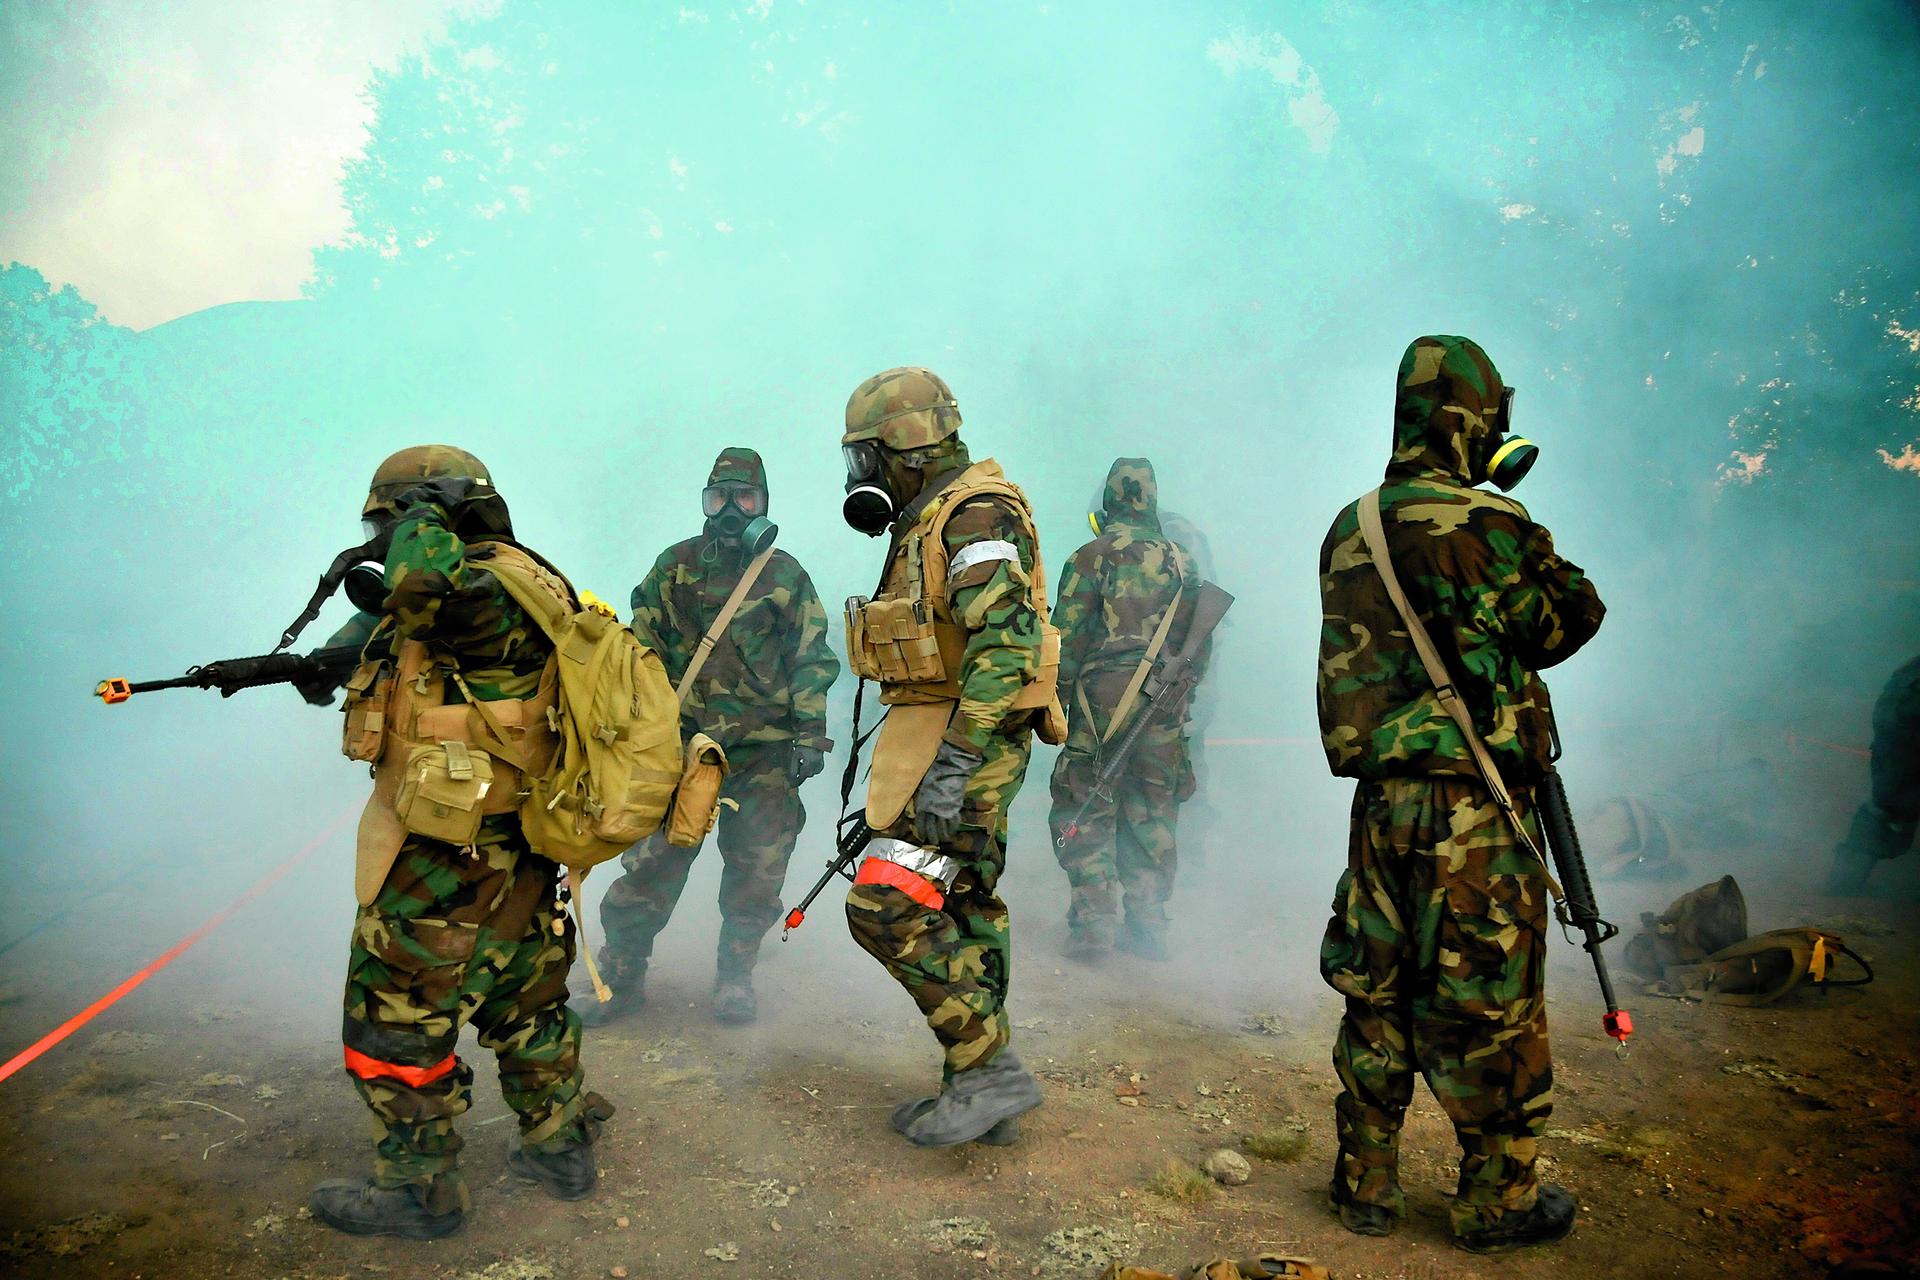 Kolorowe zdjęcie przedstawia żołnierzy wtrakcie działań zużyciem broni chemicznej. Pięciu żołnierzy wmundurach polowych. Materiał wkolorowe wzorki wkolorze zielonym, brązowym iżółtym. Wszyscy wmaskach przeciwgazowych. 2 żołnierzy po lewej whełmach. Trzej pozostali wkapturach bez hełmów. Żołnierze mają karabiny przewieszone na plecach. Wokół żołnierzy unosi się biały gęsty dym.